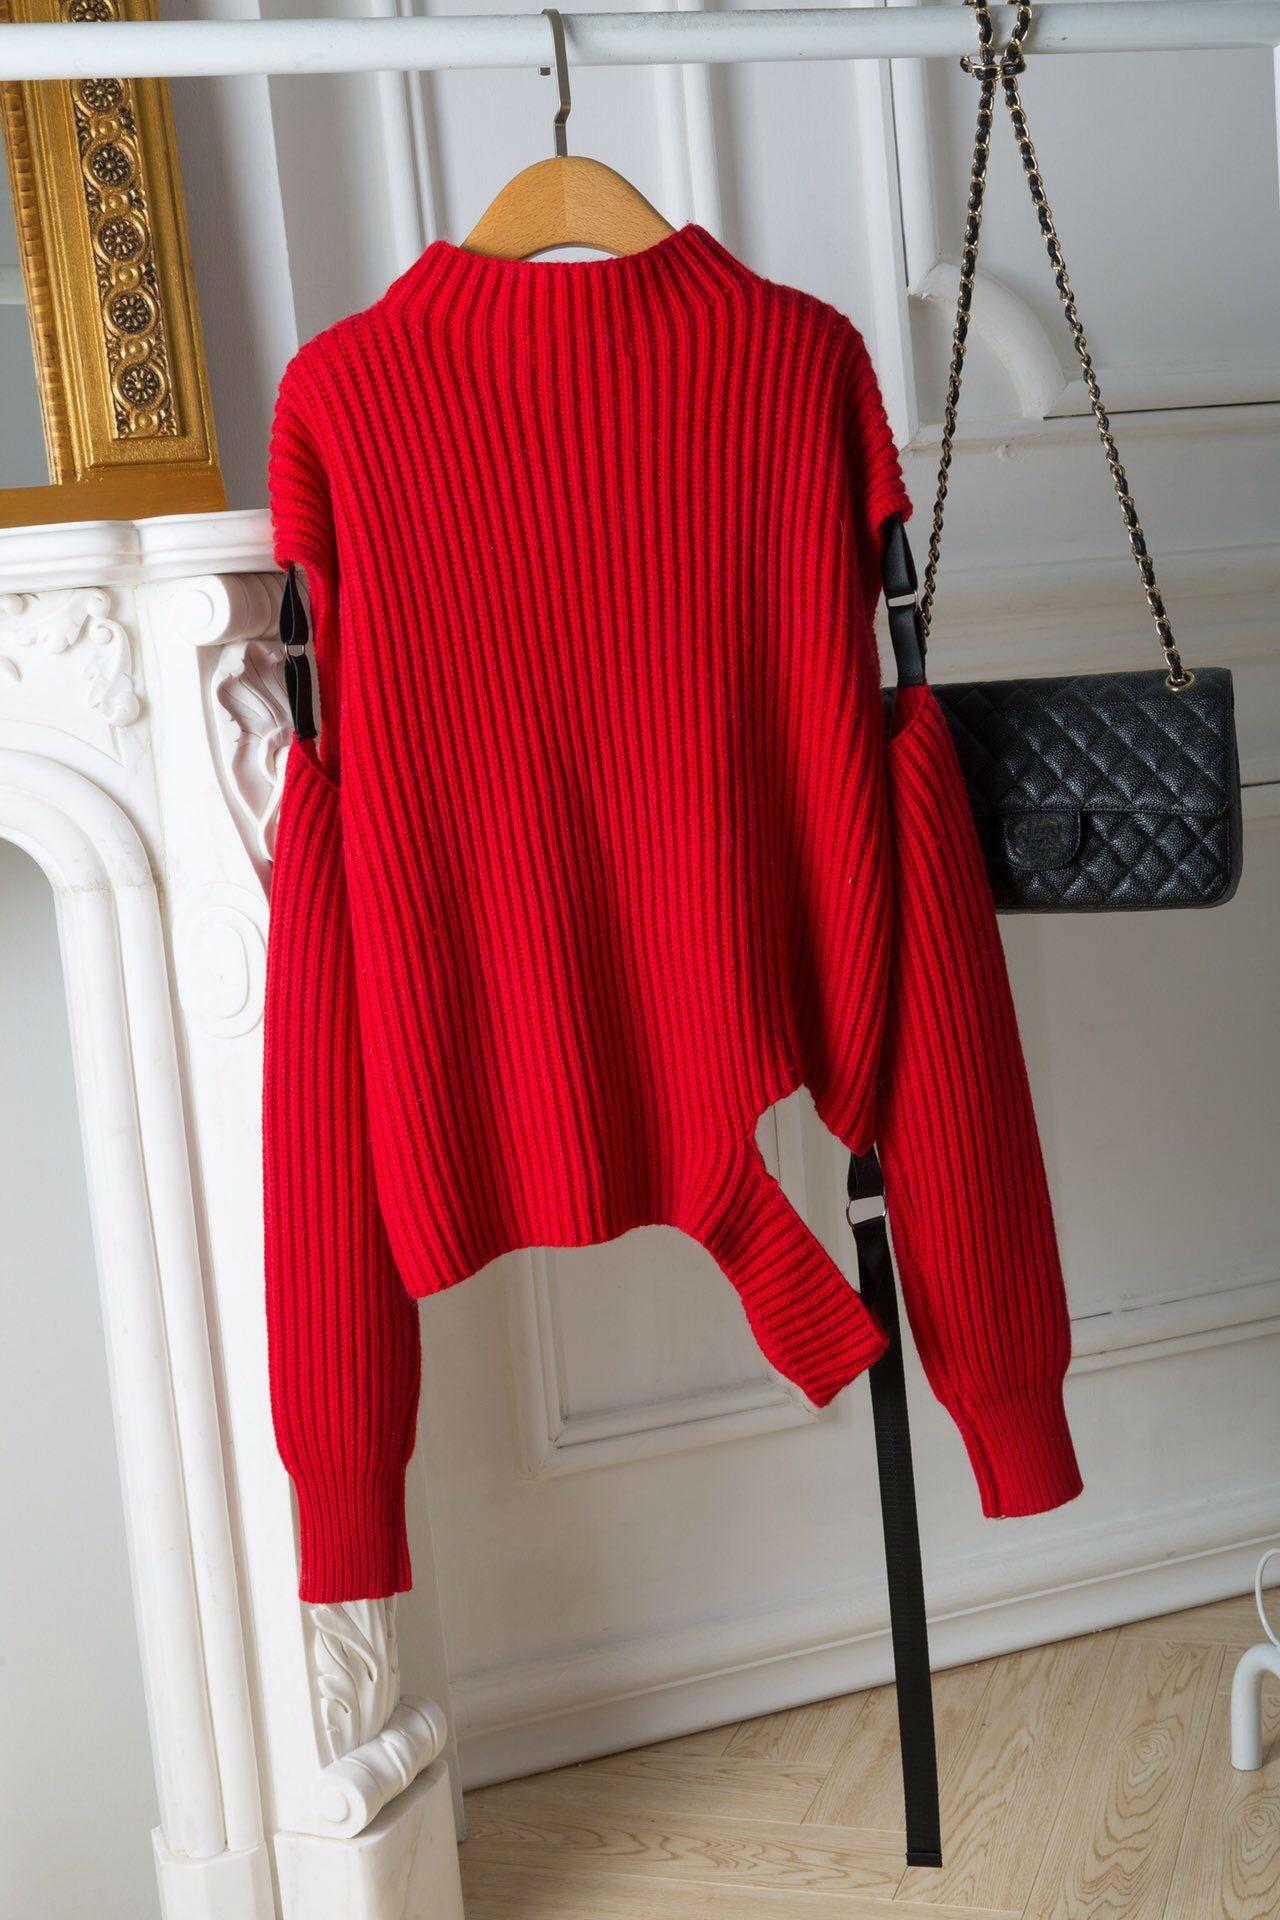 white Cou Vêtements À Tailles Red Irrégulière Chandail Avec Nouveau Couleurs Femmes Col 1 2 2019 Laine D'hiver 100 8w6HqnTB